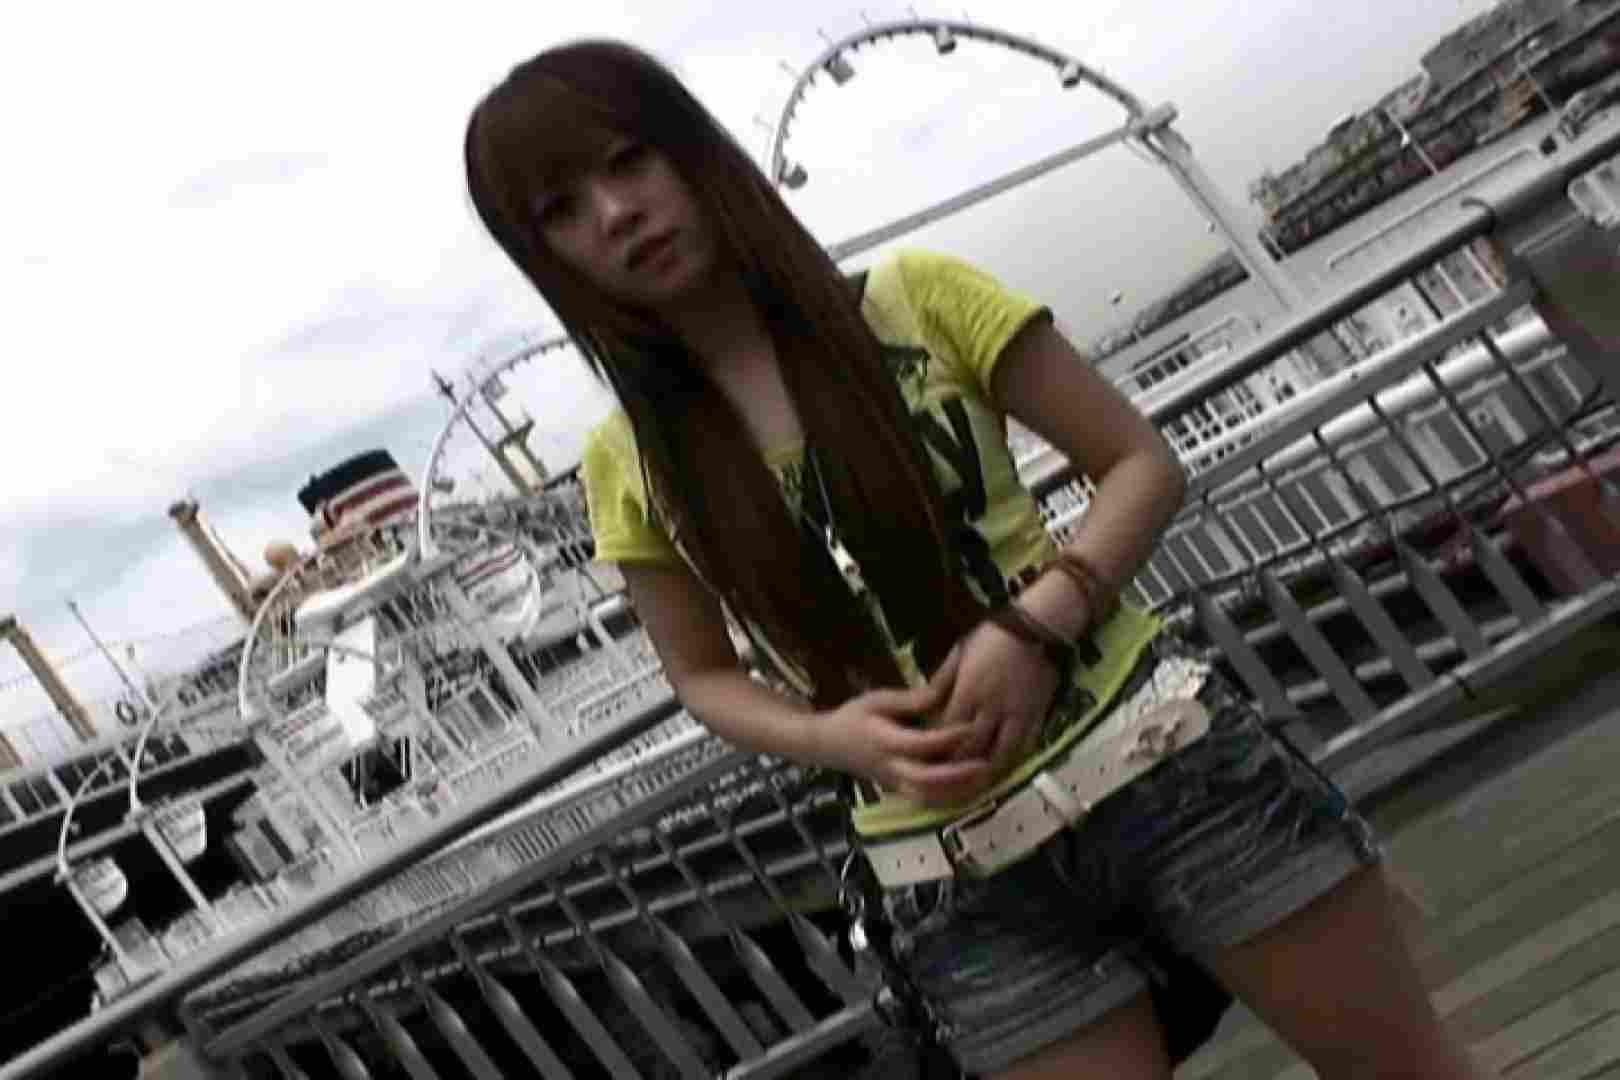 ハイビジョンパンチラ オッテQさんの追跡パンチラ夜の街編 ミニスカート セックス無修正動画無料 107pic 59